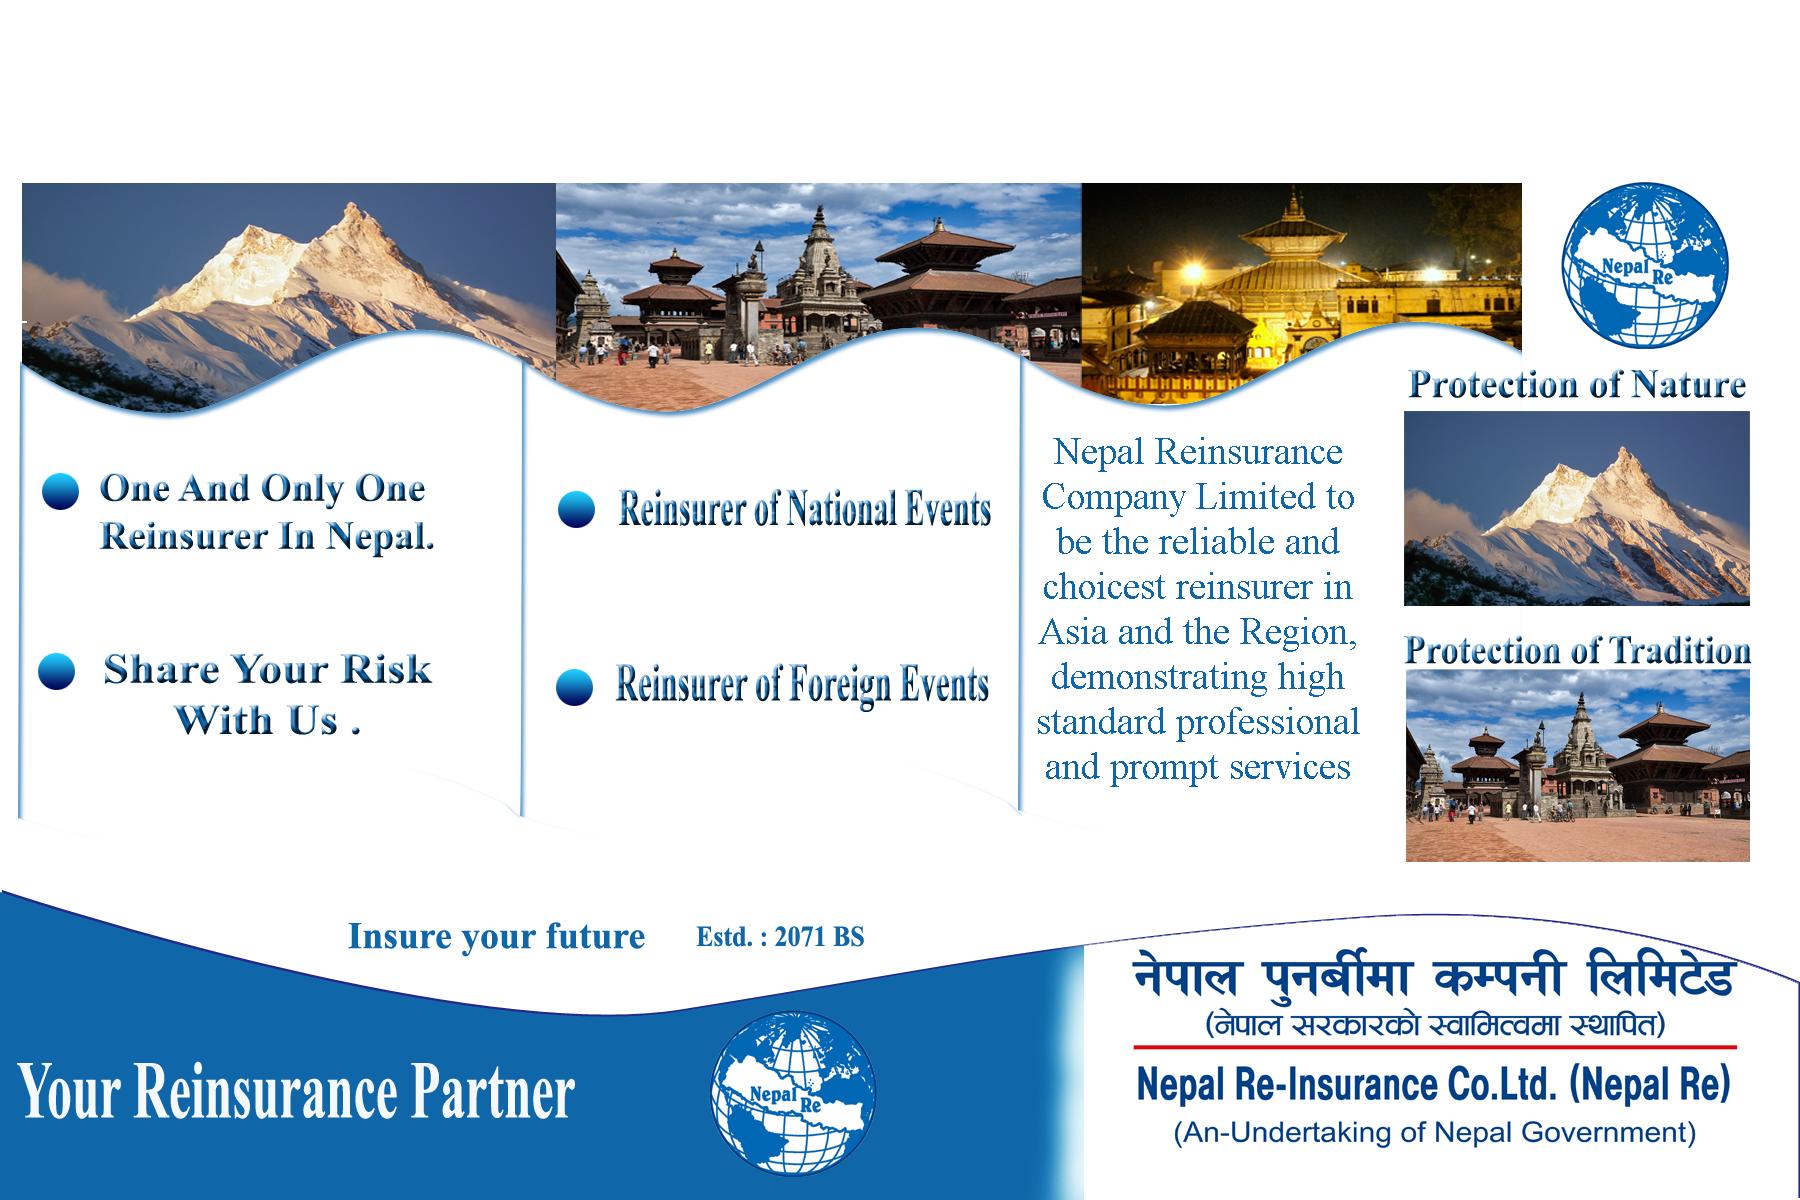 नेपाल पुनर्बीमा कम्पनीको खुद नाफा घट्यो, बीमाशुल्कमा बृद्धि